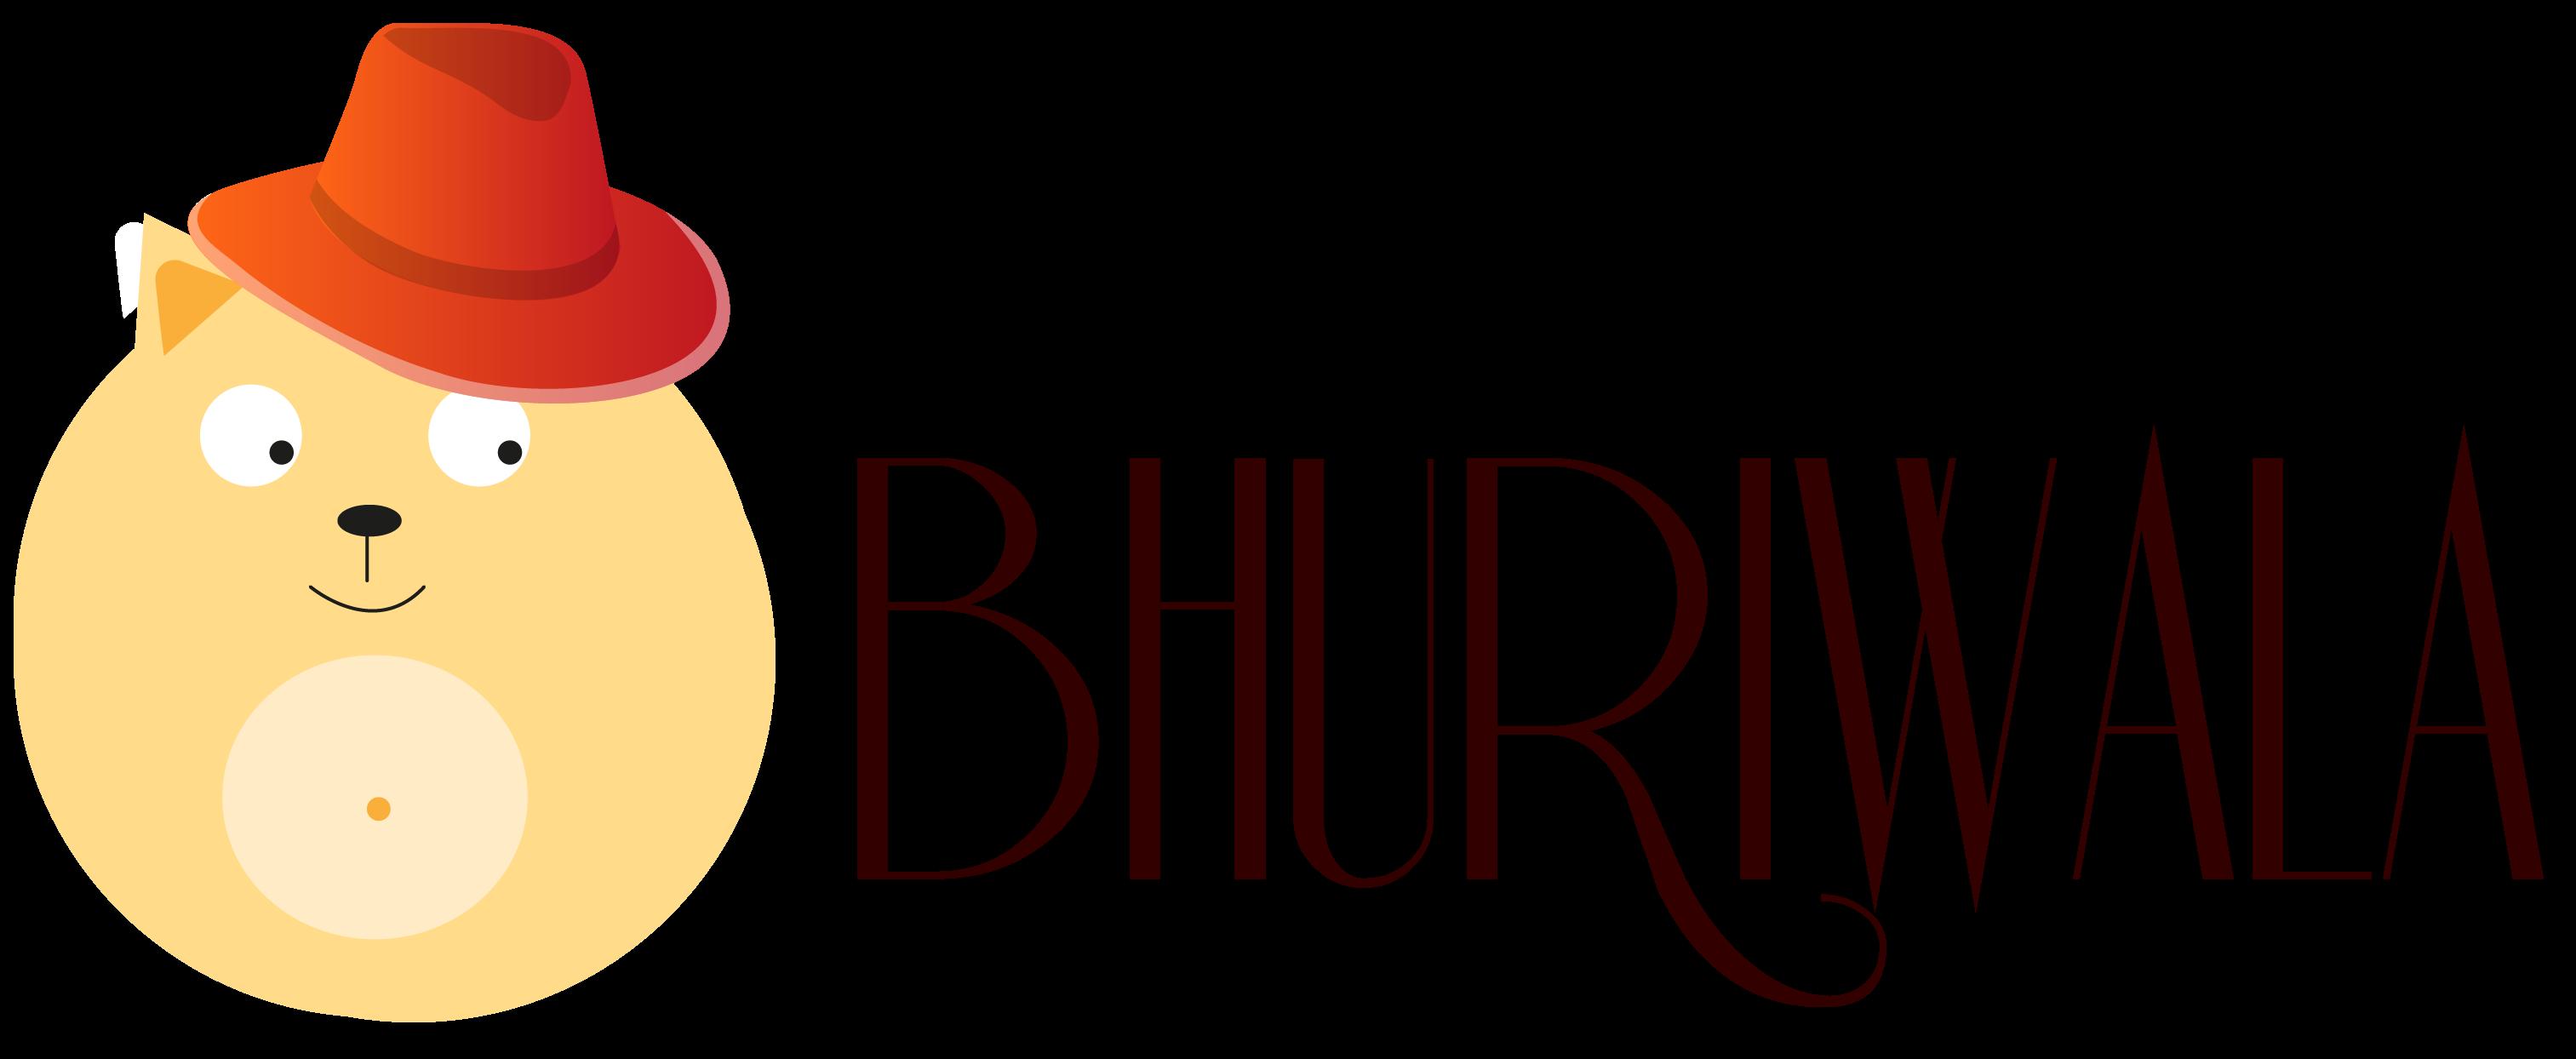 Bhuriwala